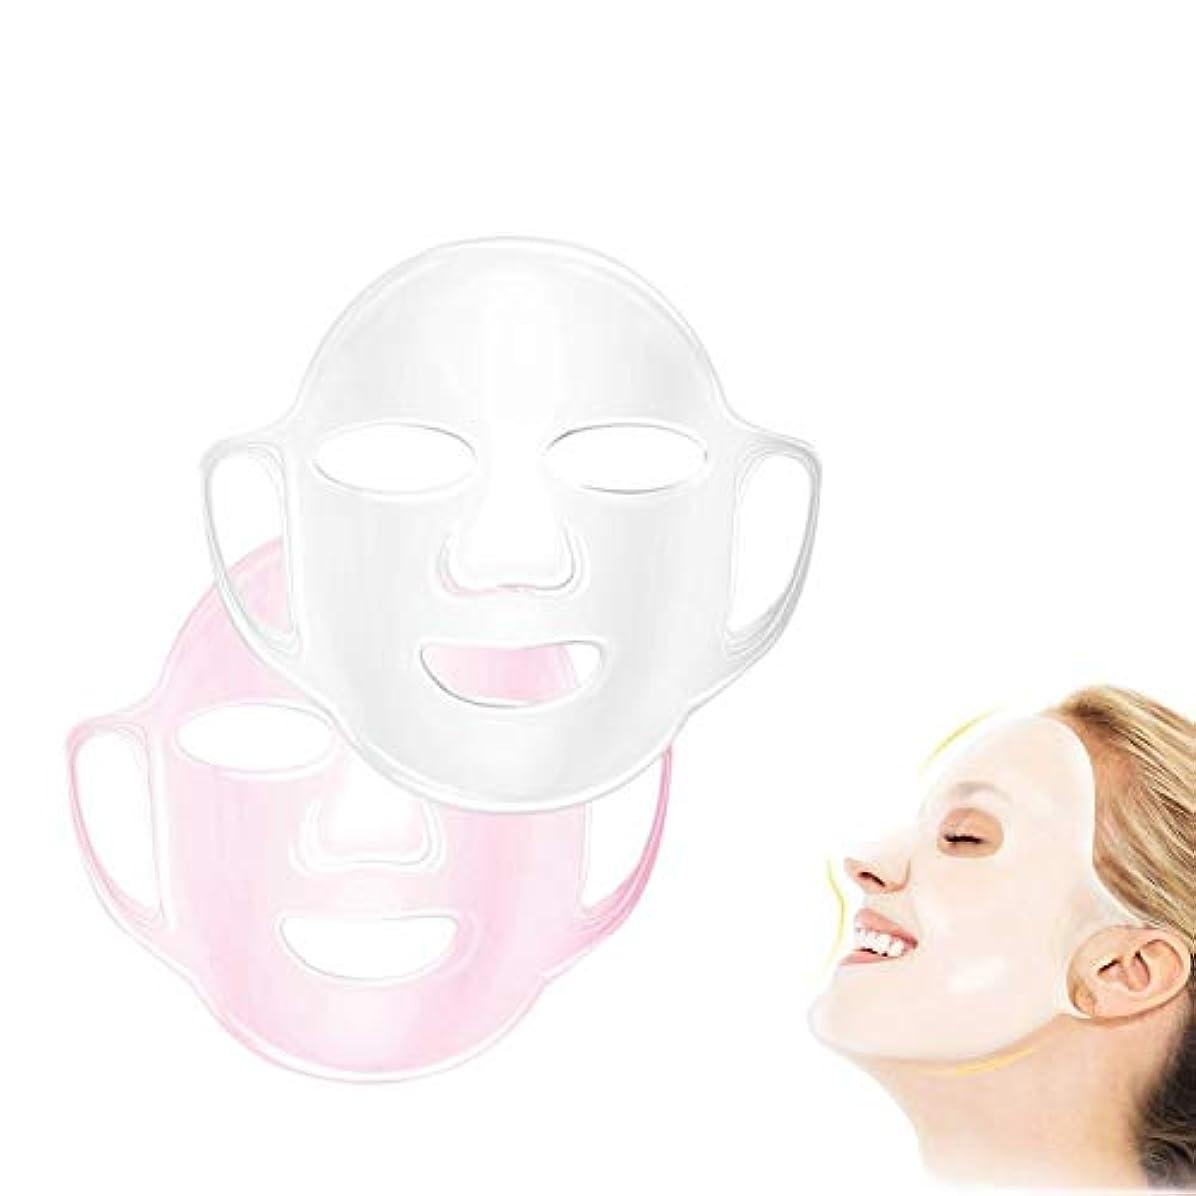 断言する石膏可能SODIAL 再利用可能なフェイシャルシリコン保湿フェイスマスクカバー シート用クリアボックスでの蒸発防止